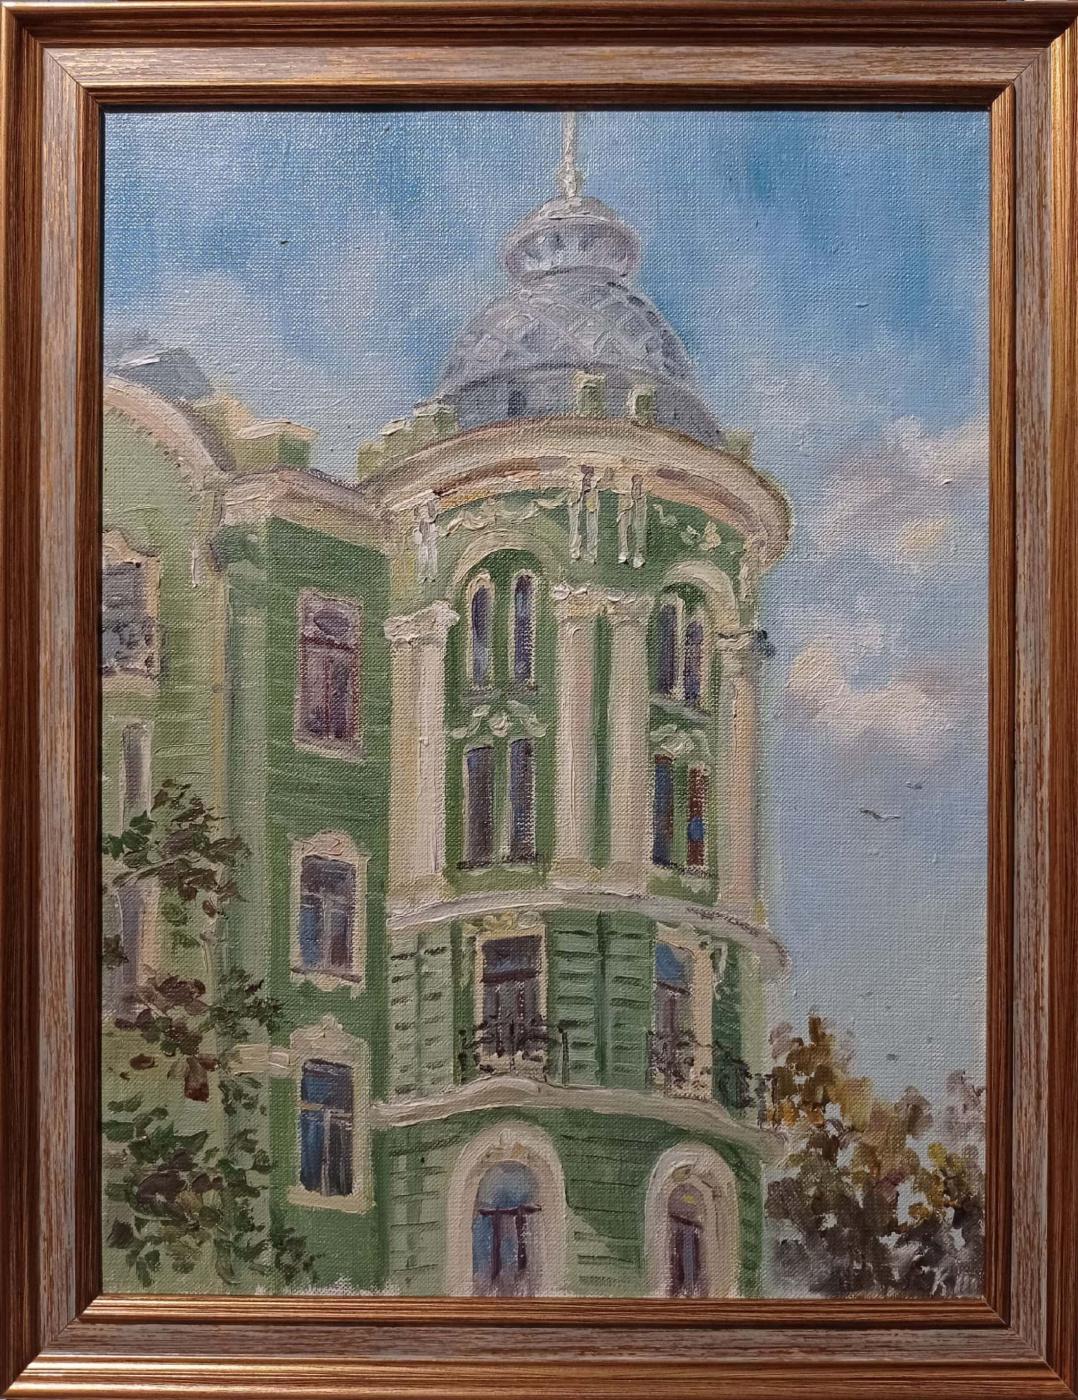 Christina Shchekina. House of Kolobovs, Petrogradskaya